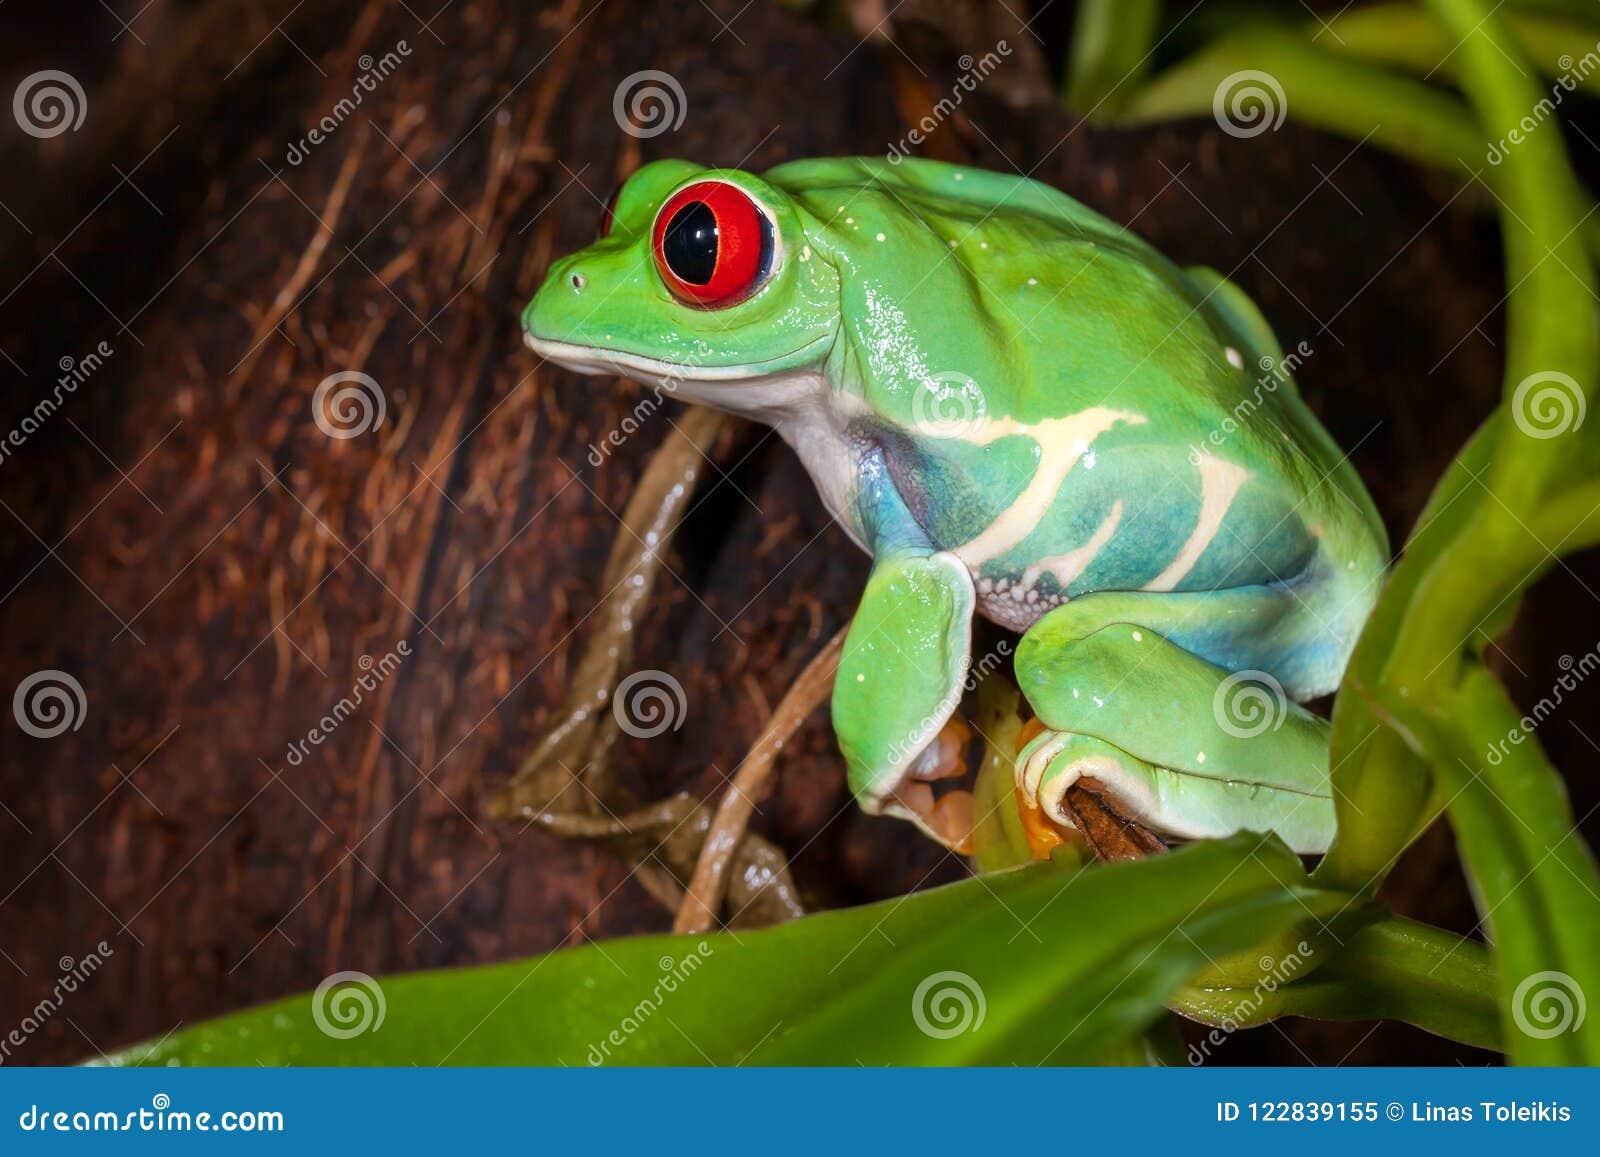 Très fortement grenouille d arbre aux yeux rouges